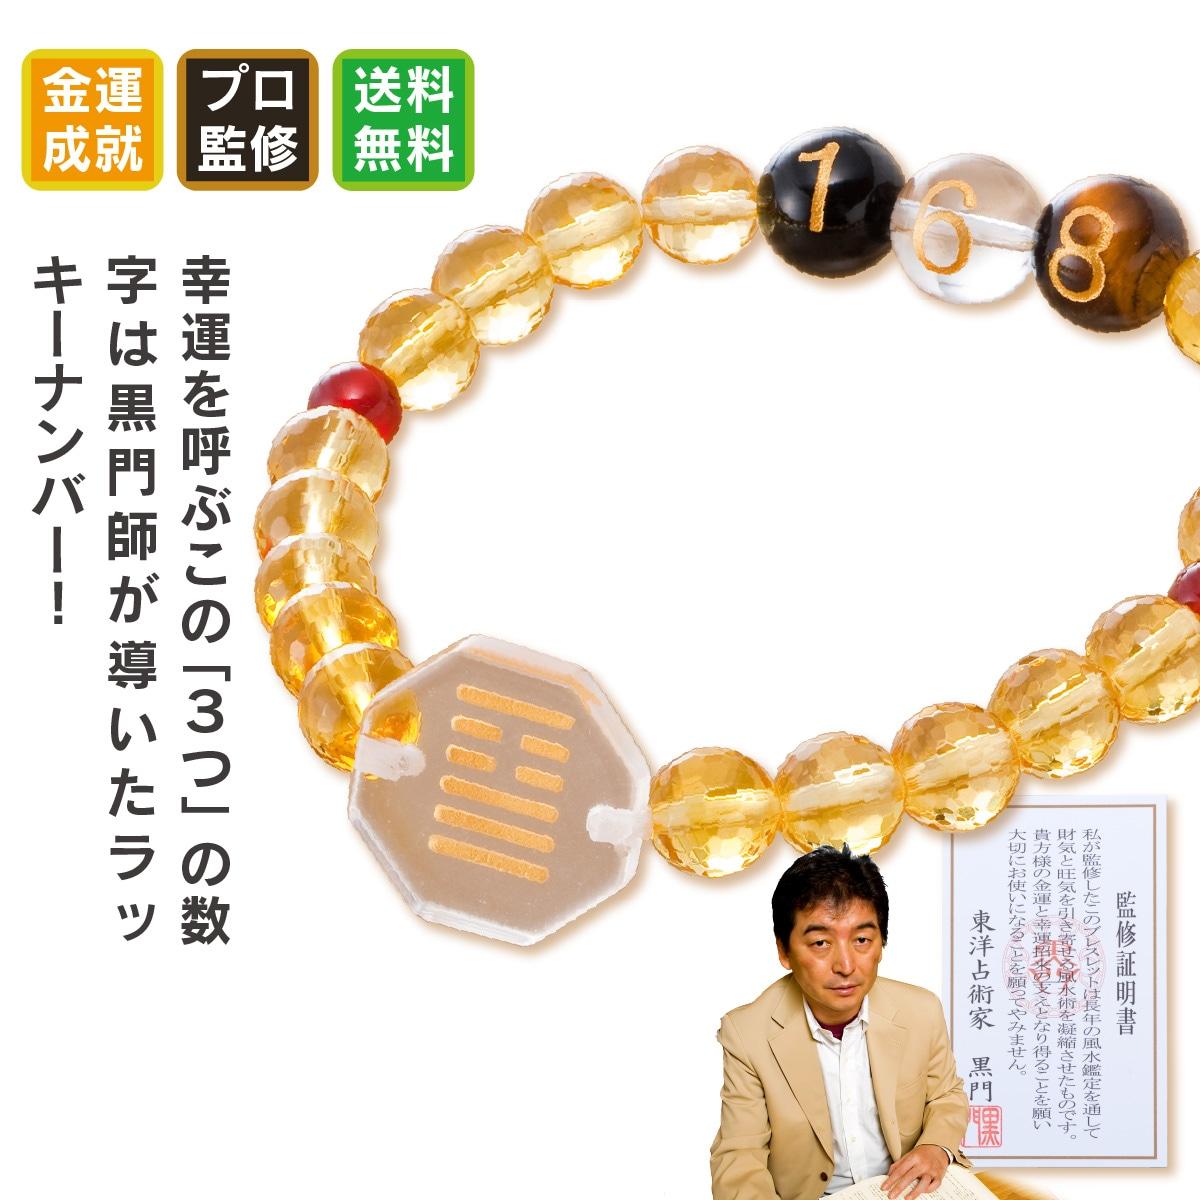 黒門風水式  『幸せの黄金ブレスレット』 ≫金運を中心に全体運が欲しい 開運グッズ